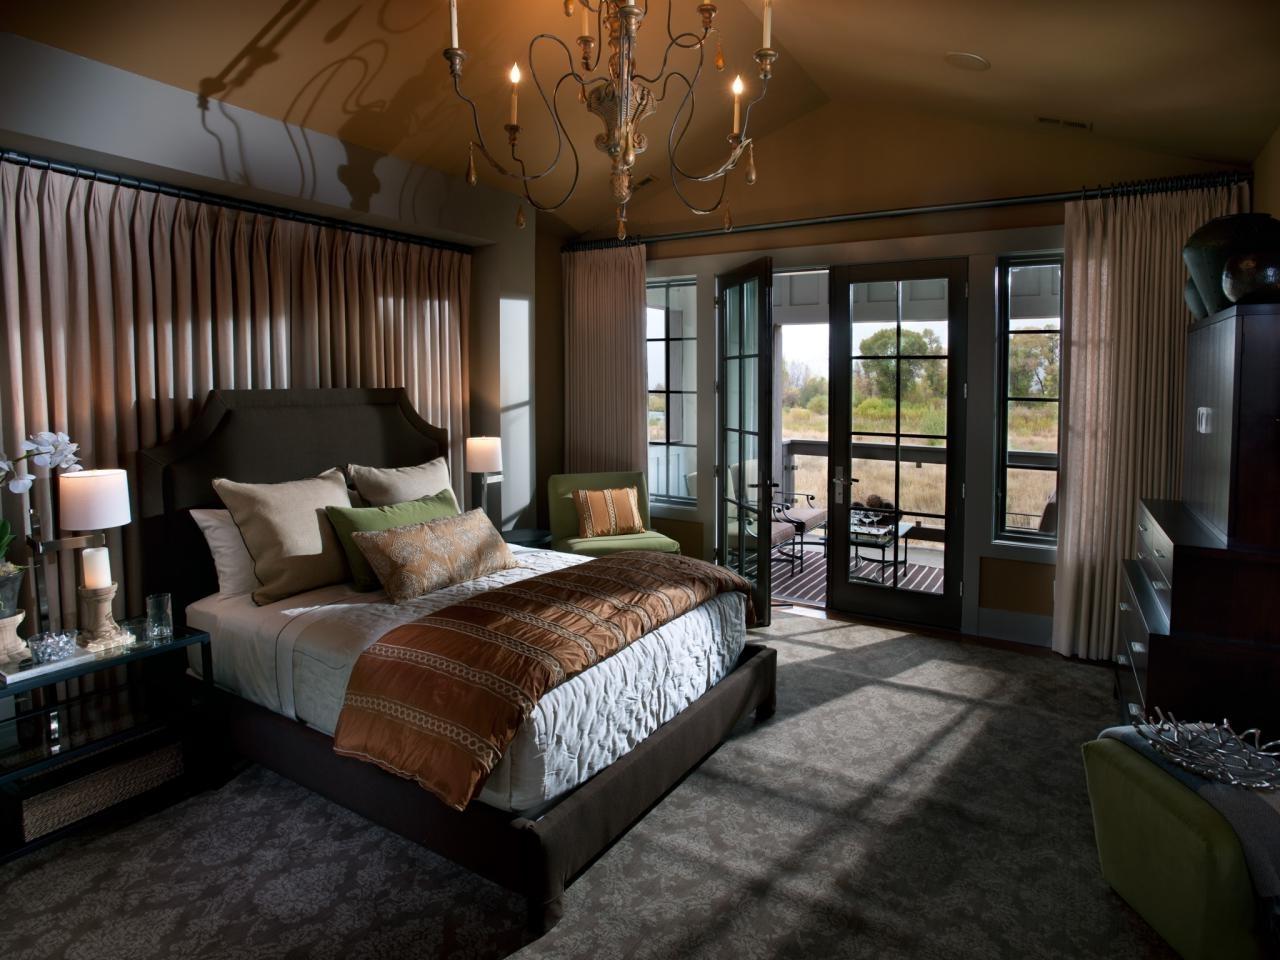 Latest Bedroom Chandelier Lighting (View 14 of 15)